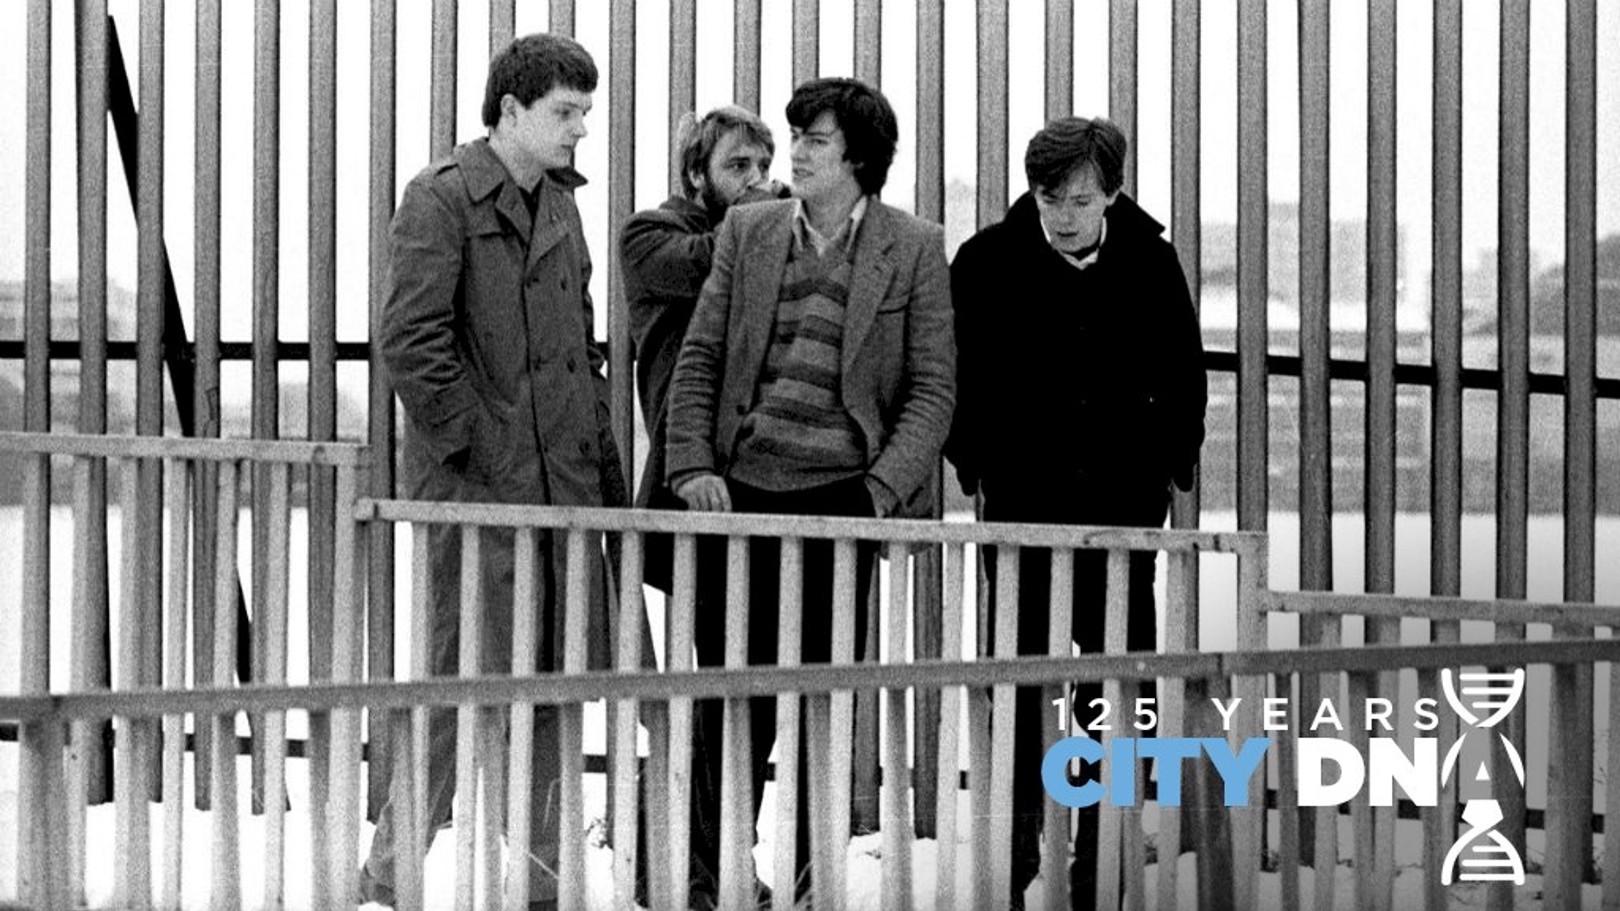 City DNA #28: Ian Curtis